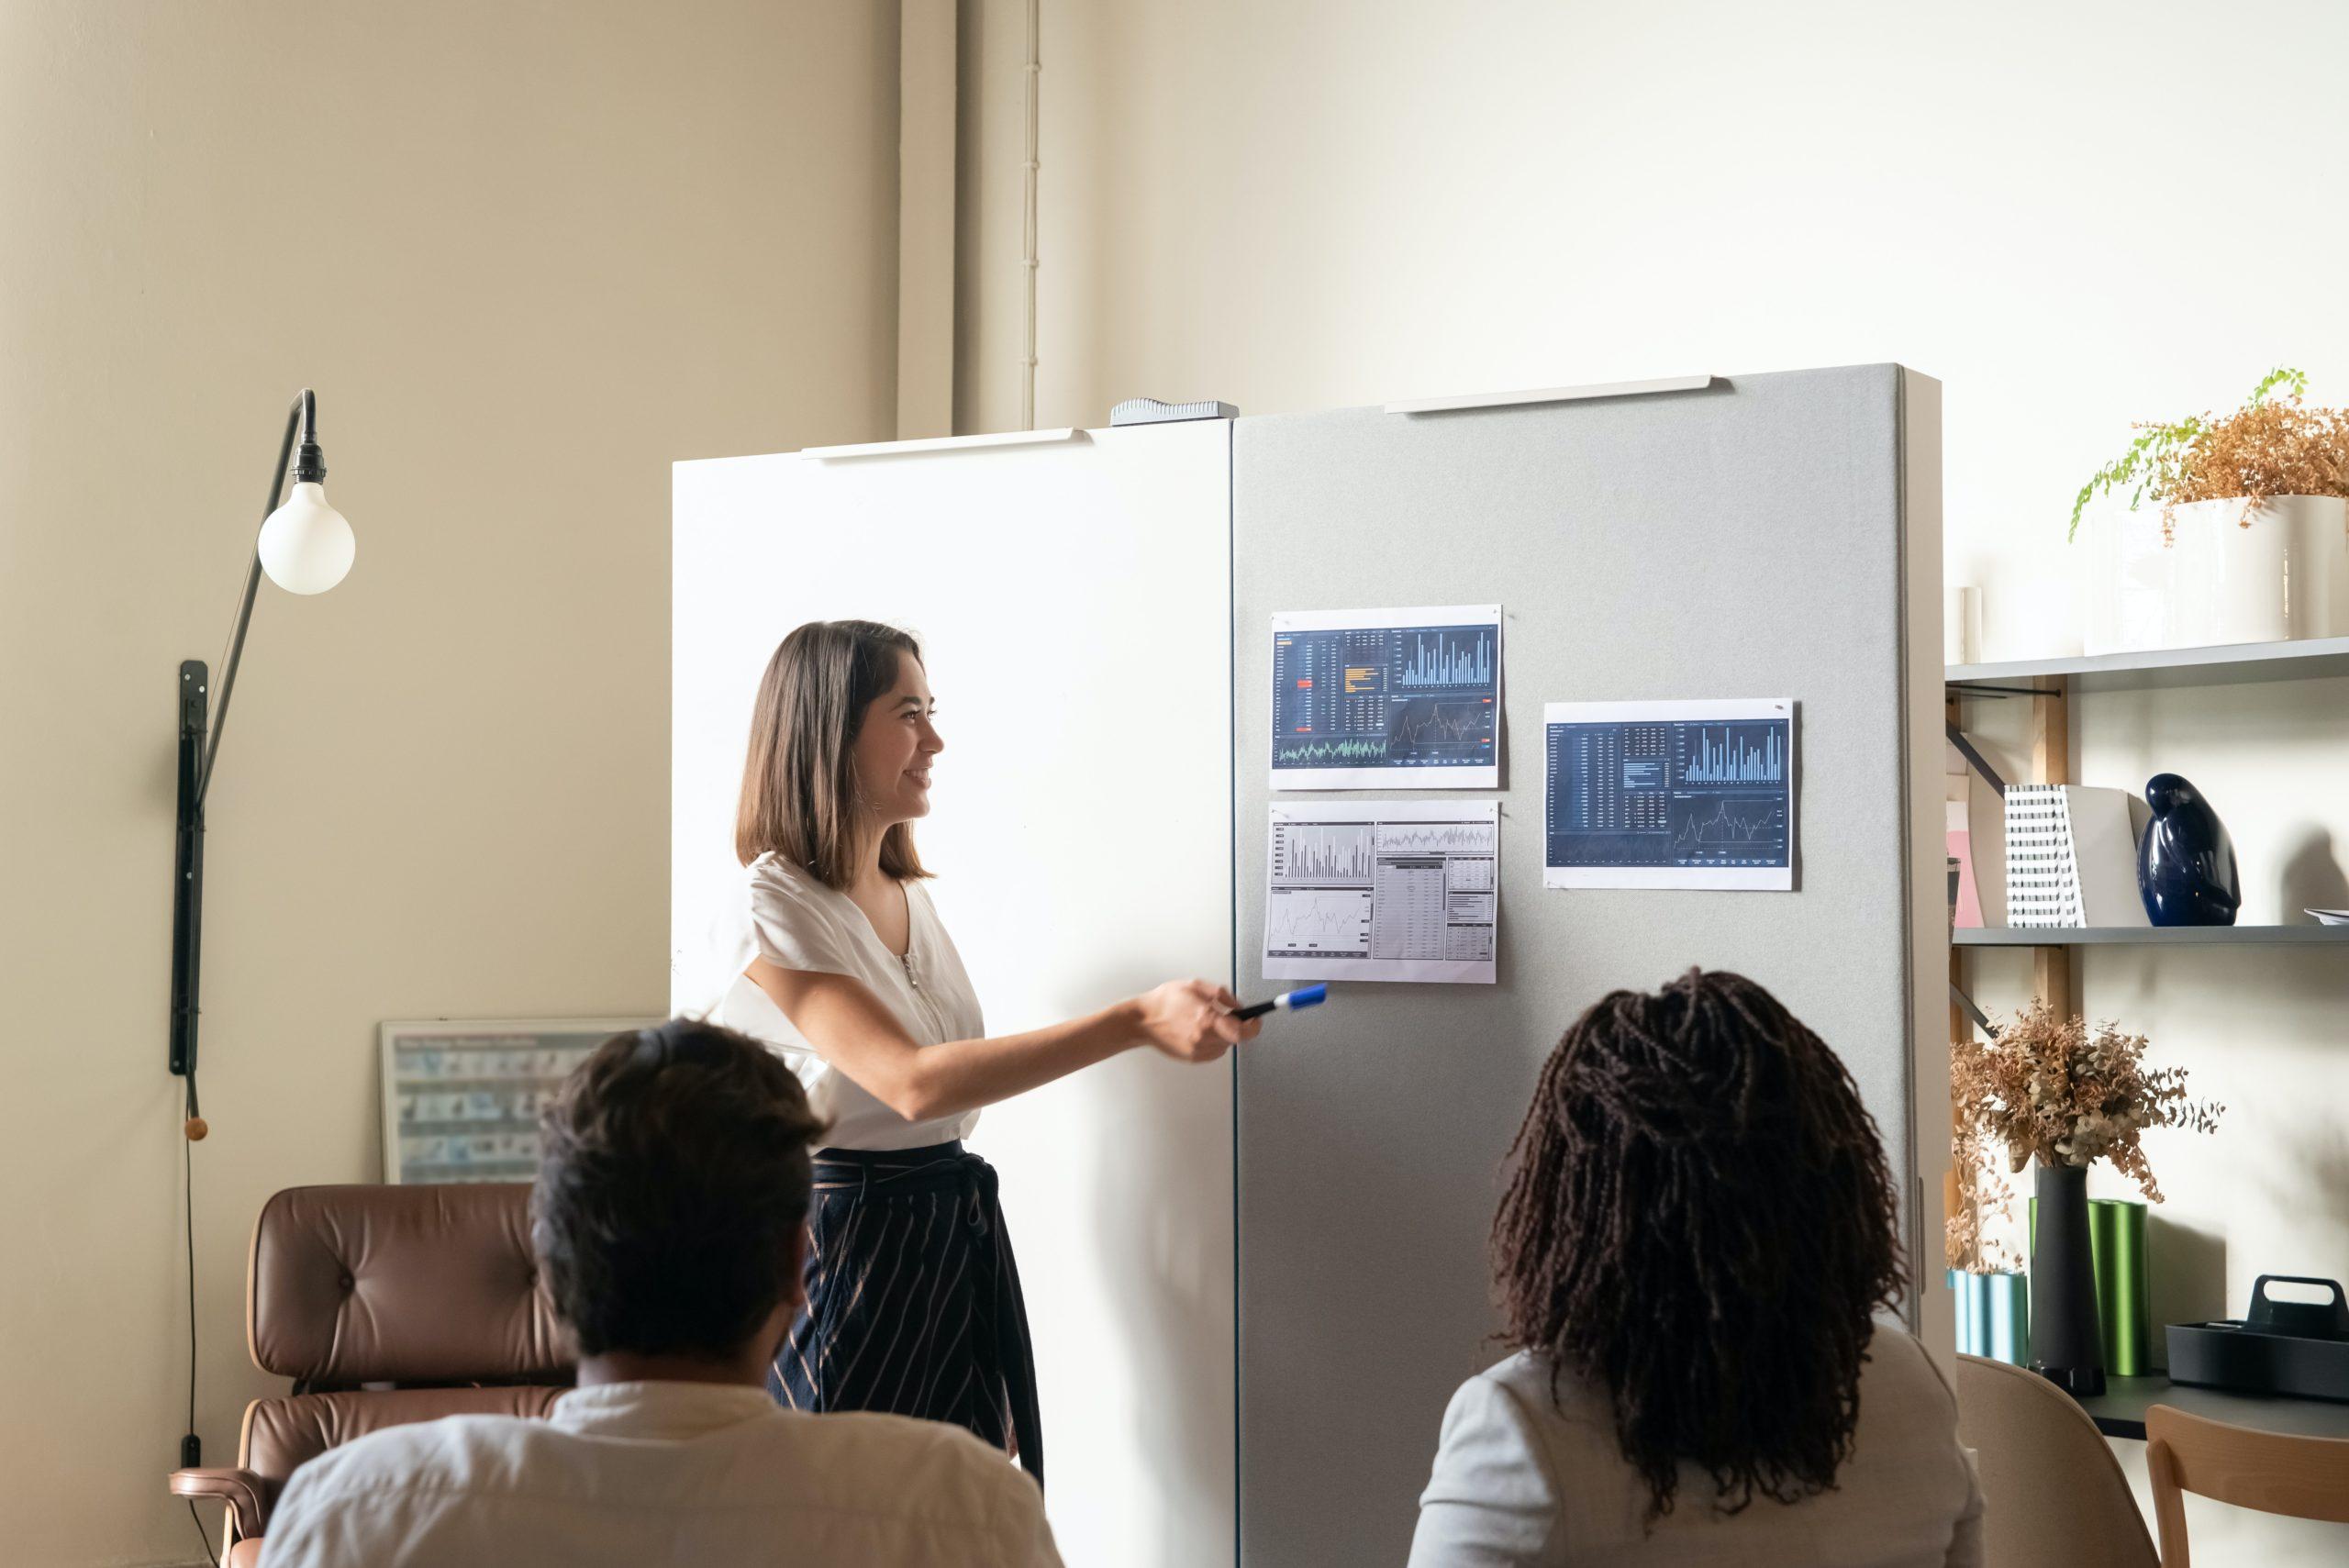 Présentation orale des performances d'une entreprise à l'aide de dashboard